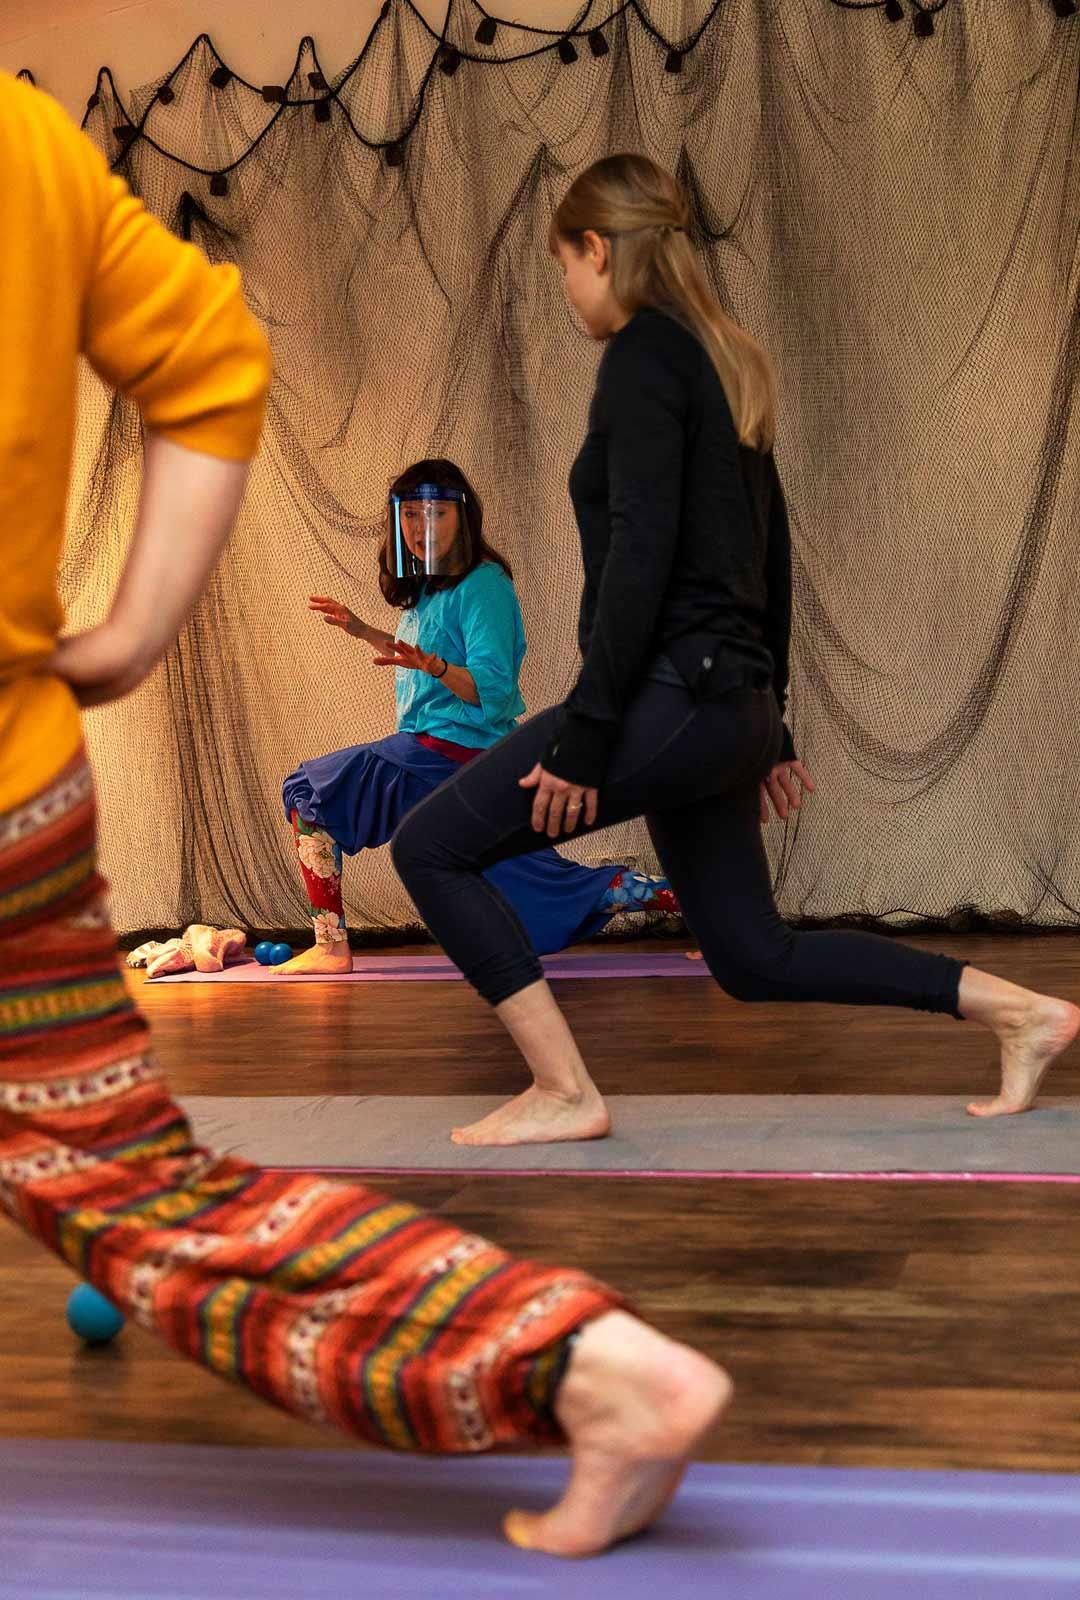 Esimerkiksi tällä liikkeellä voi venyttää tehokkaasti lantion lihaksia.